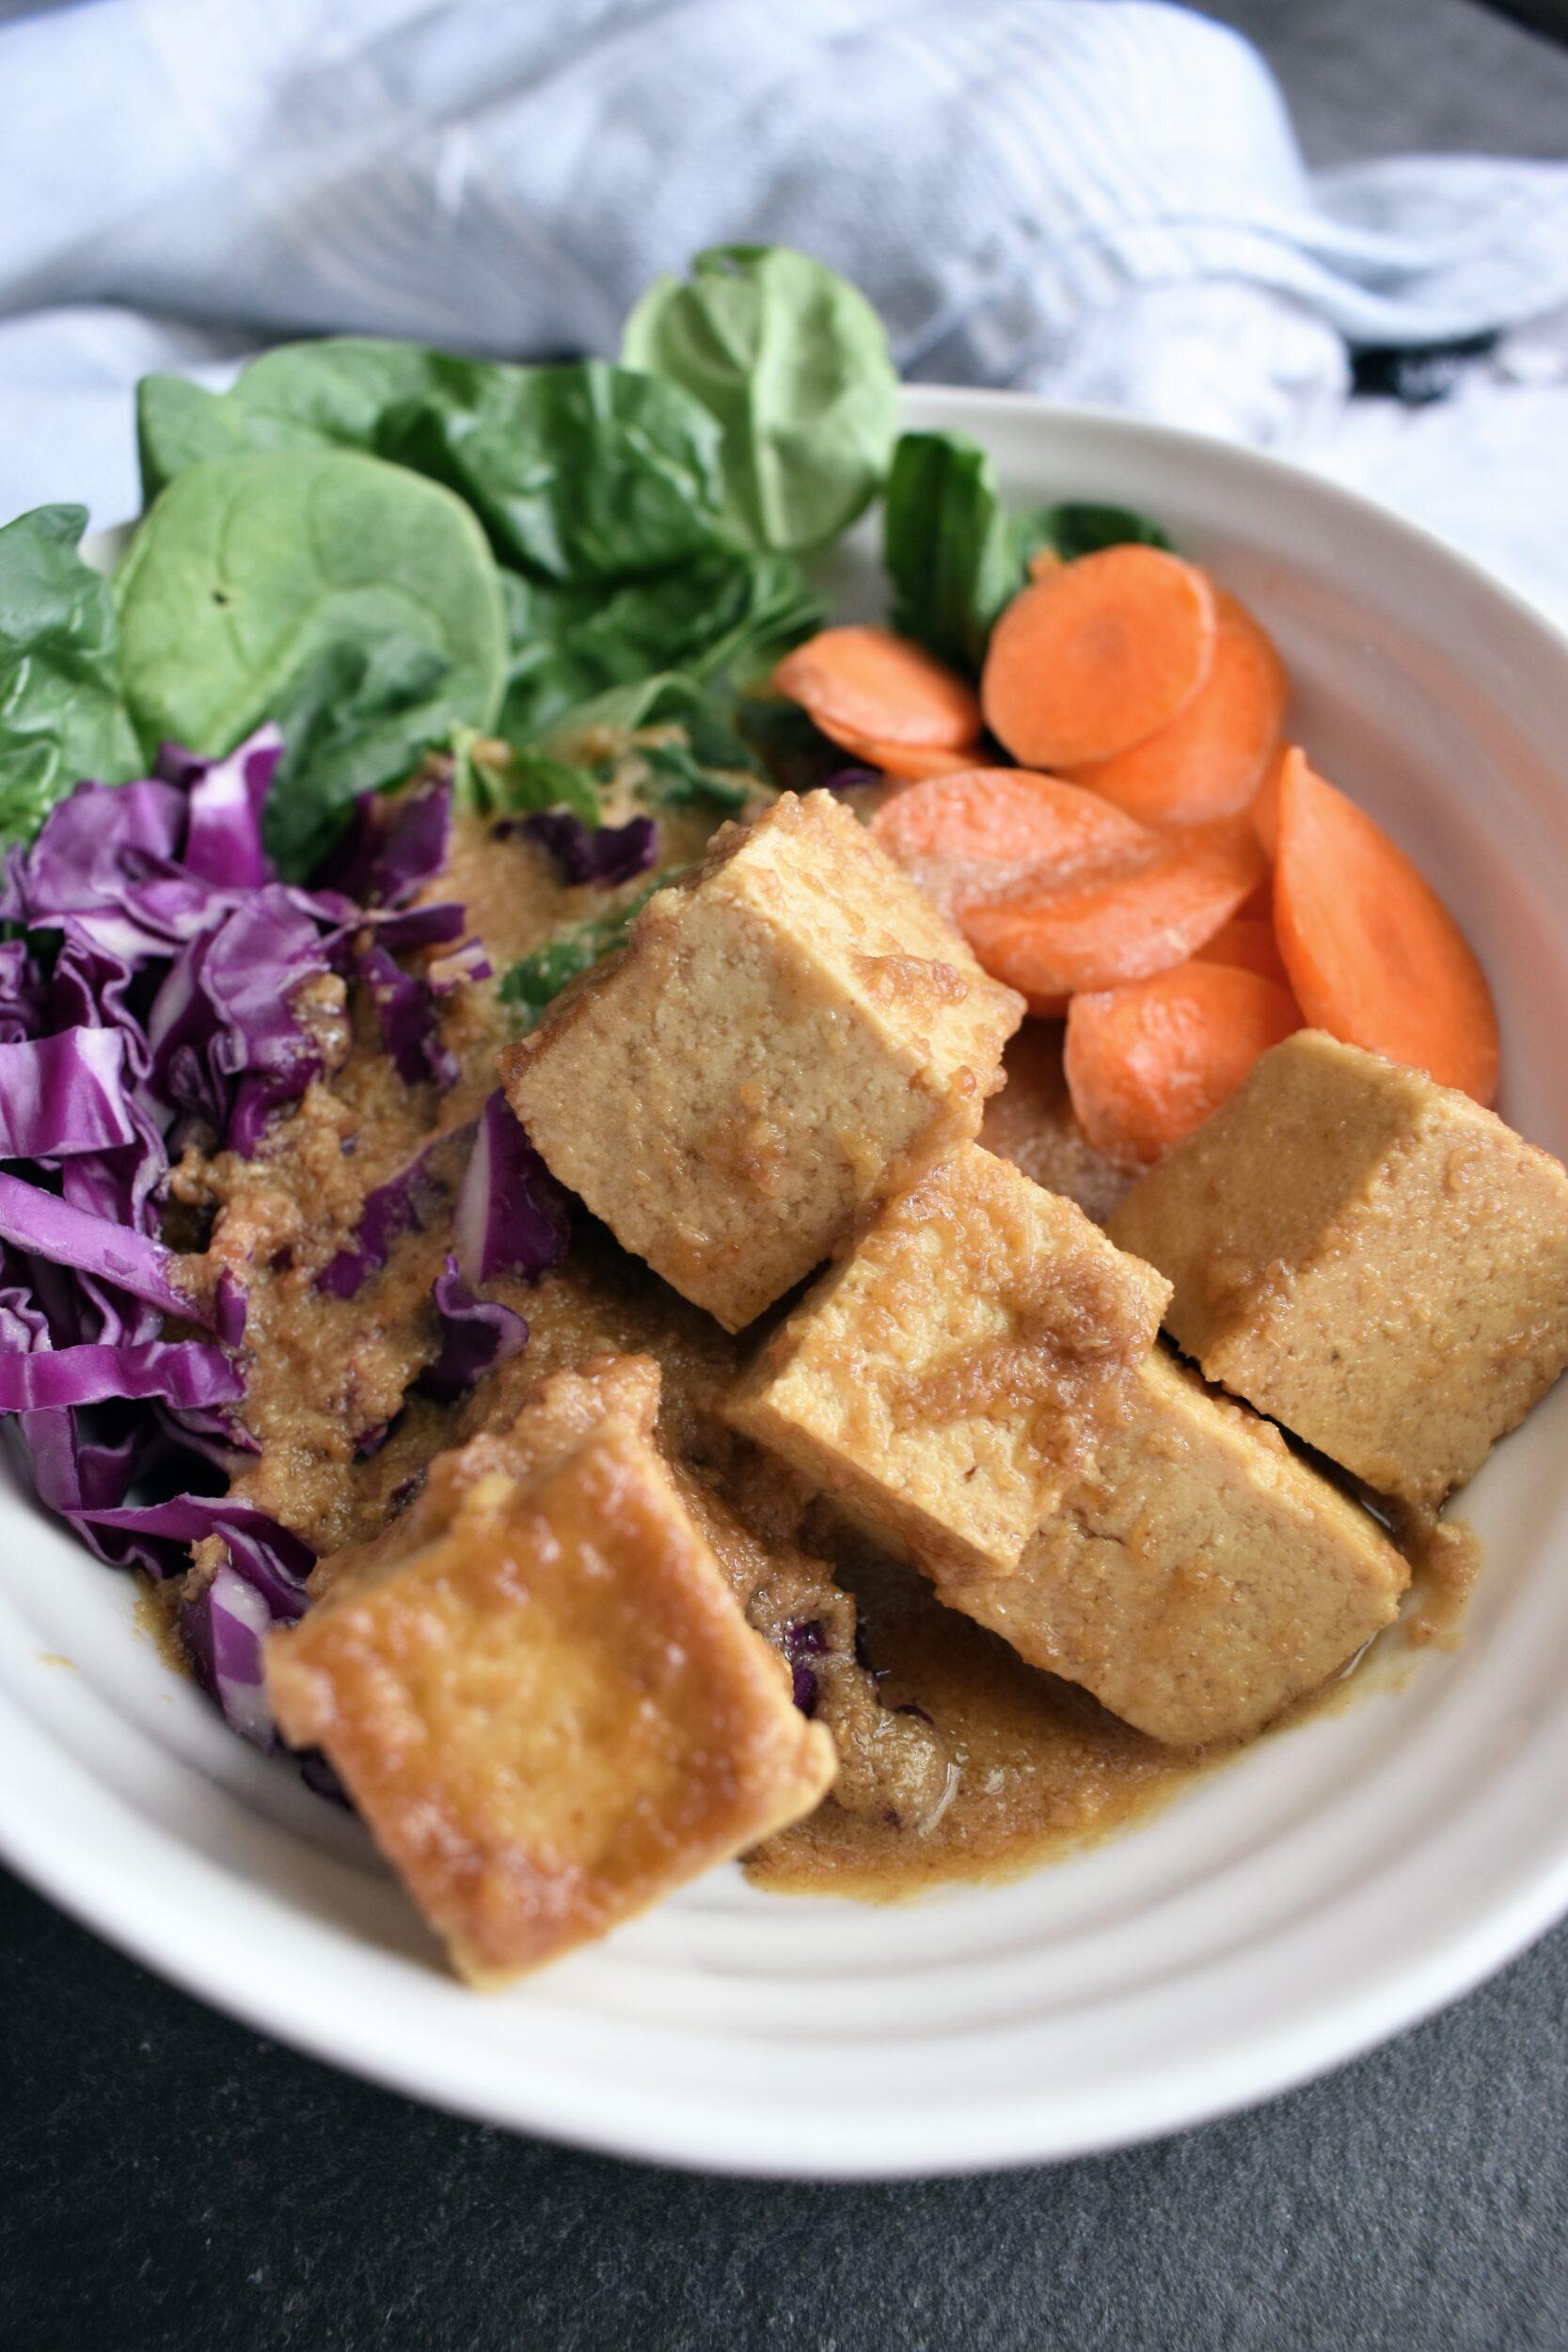 Baked Peanut Sauce Tofu